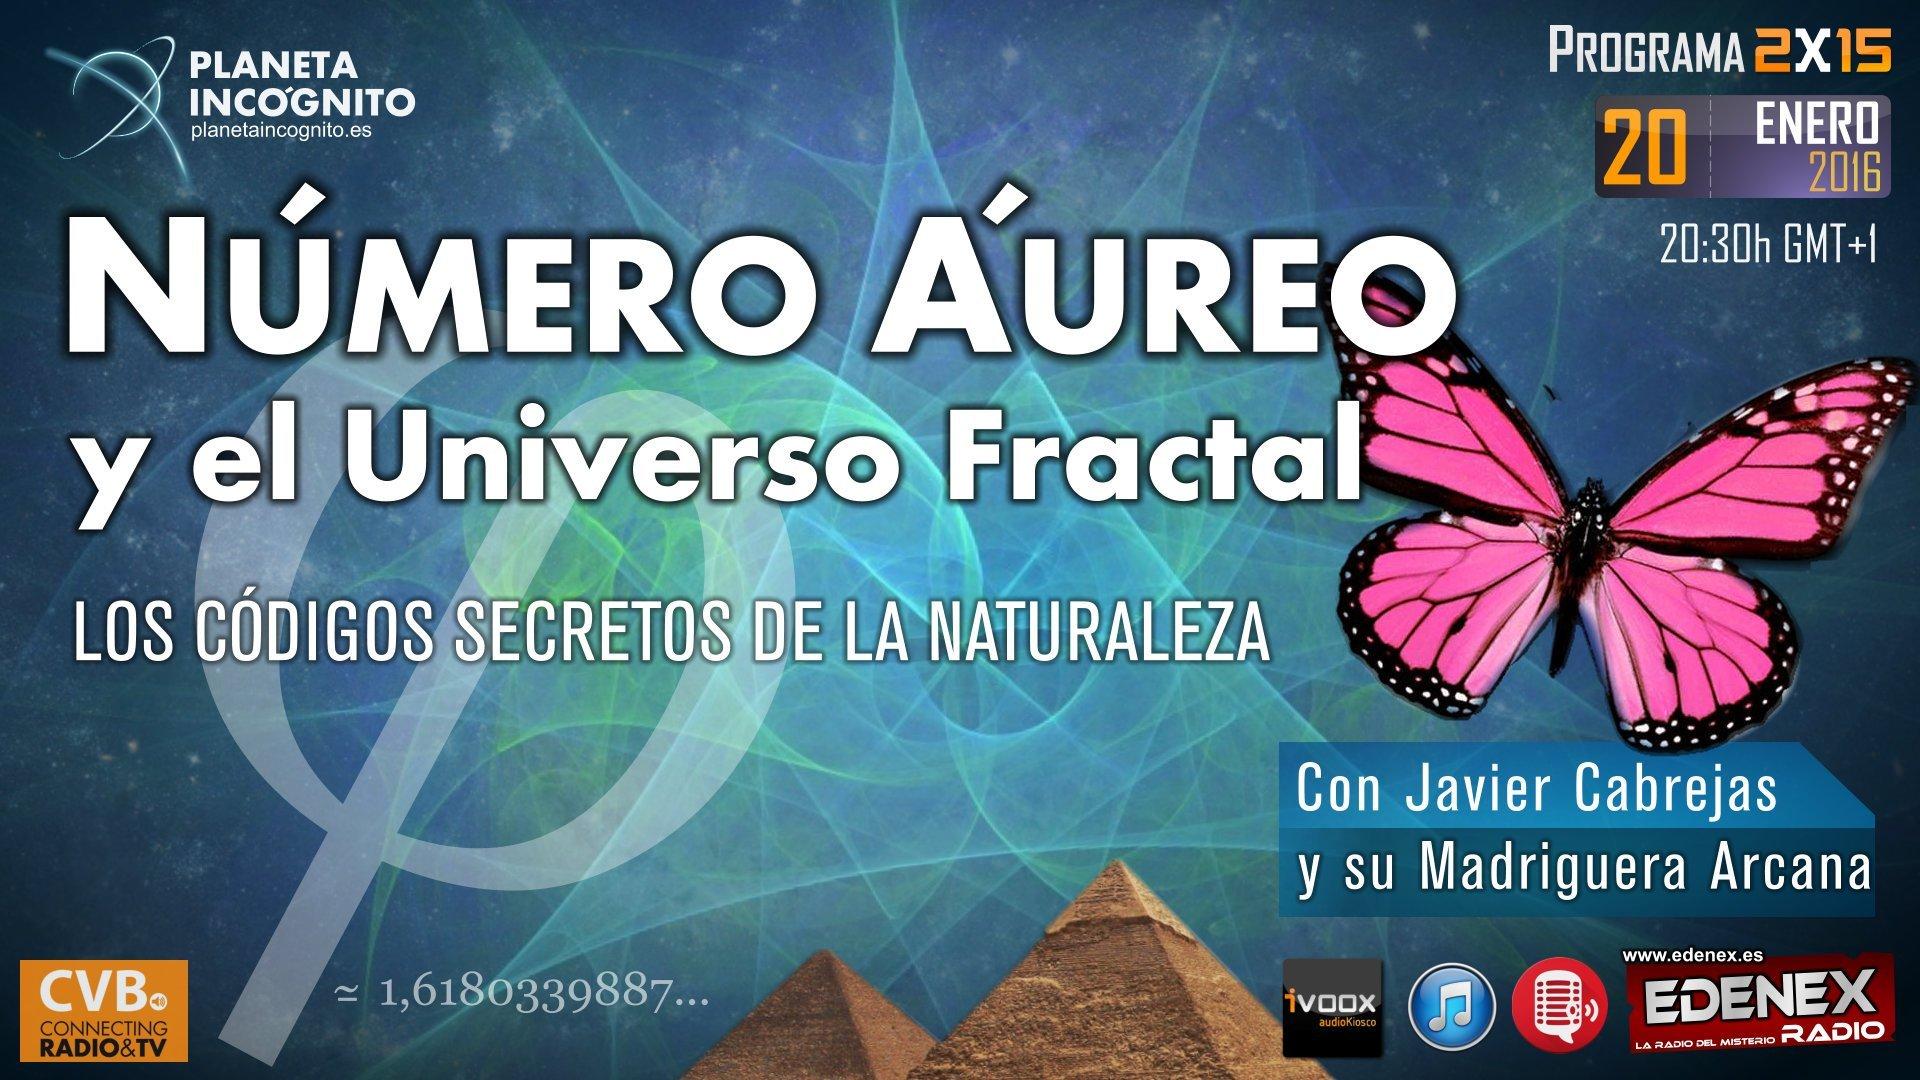 Programa 2x15: NÚMERO ÁUREO y el Universo Fractal: Los Códigos Secretos de la Naturaleza 6